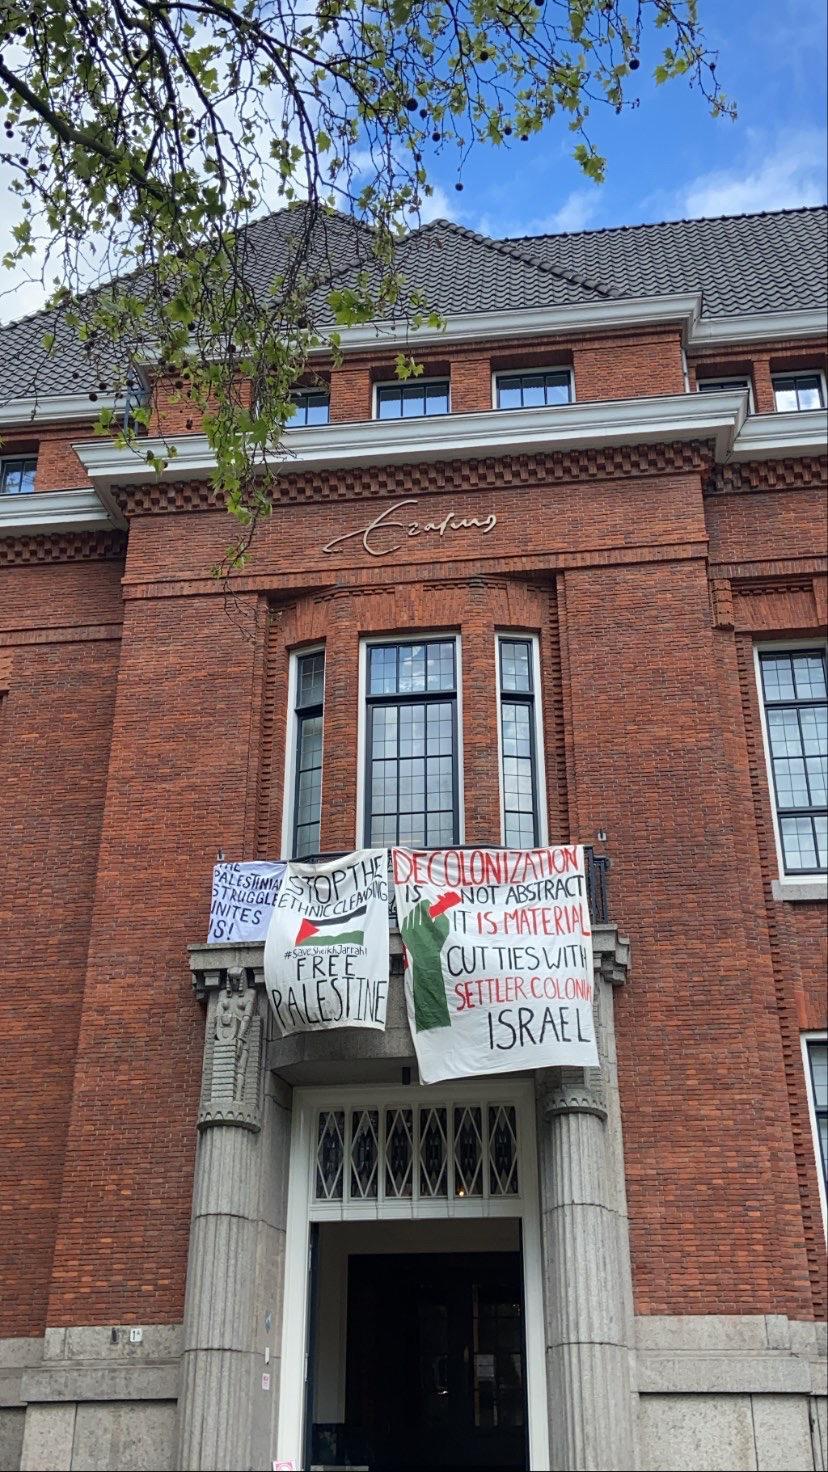 Bij Erasmus University College werden deze spandoeken kort nadat ze waren opgehangen weer weggehaald.